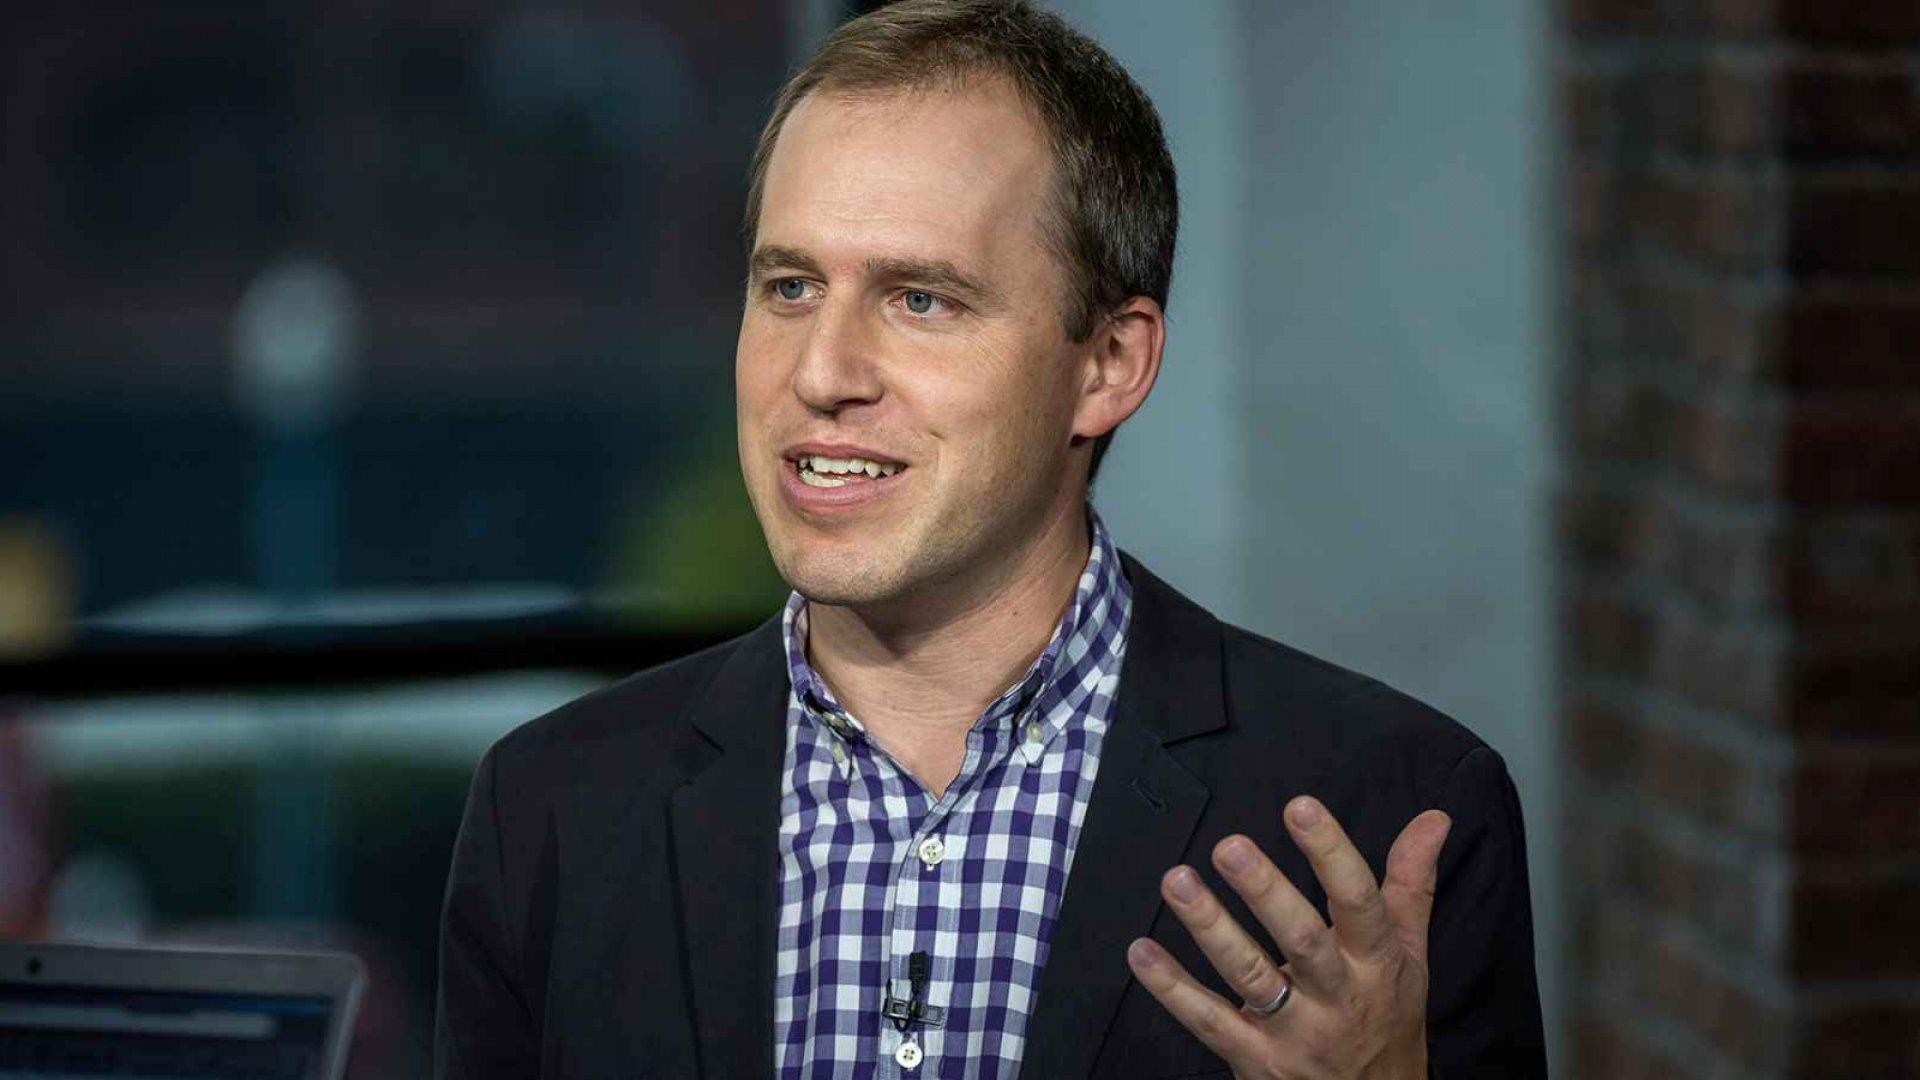 Quip CEO Bret Taylor.